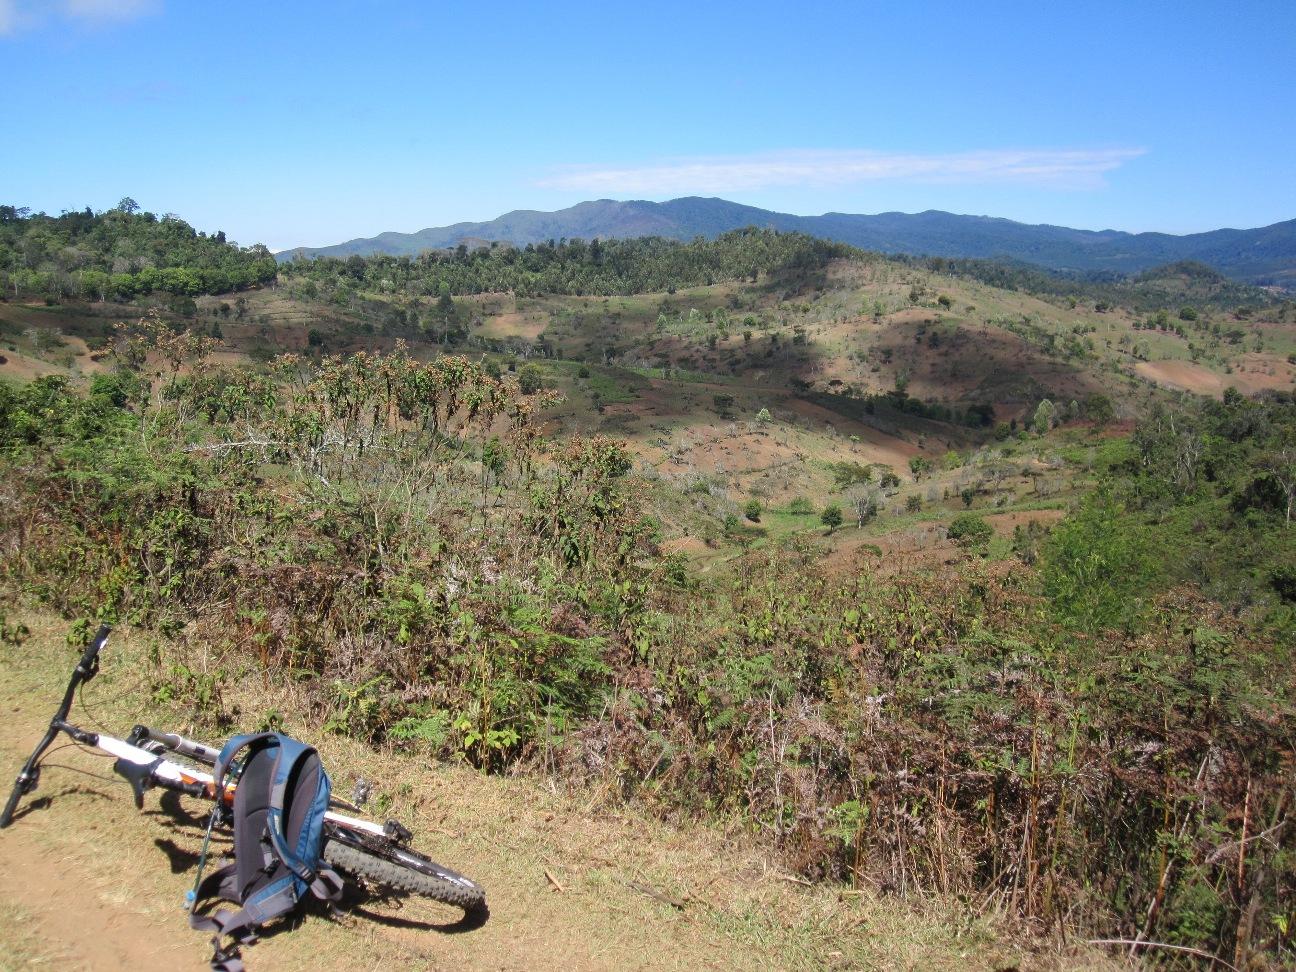 Usambara post (and pre) hill